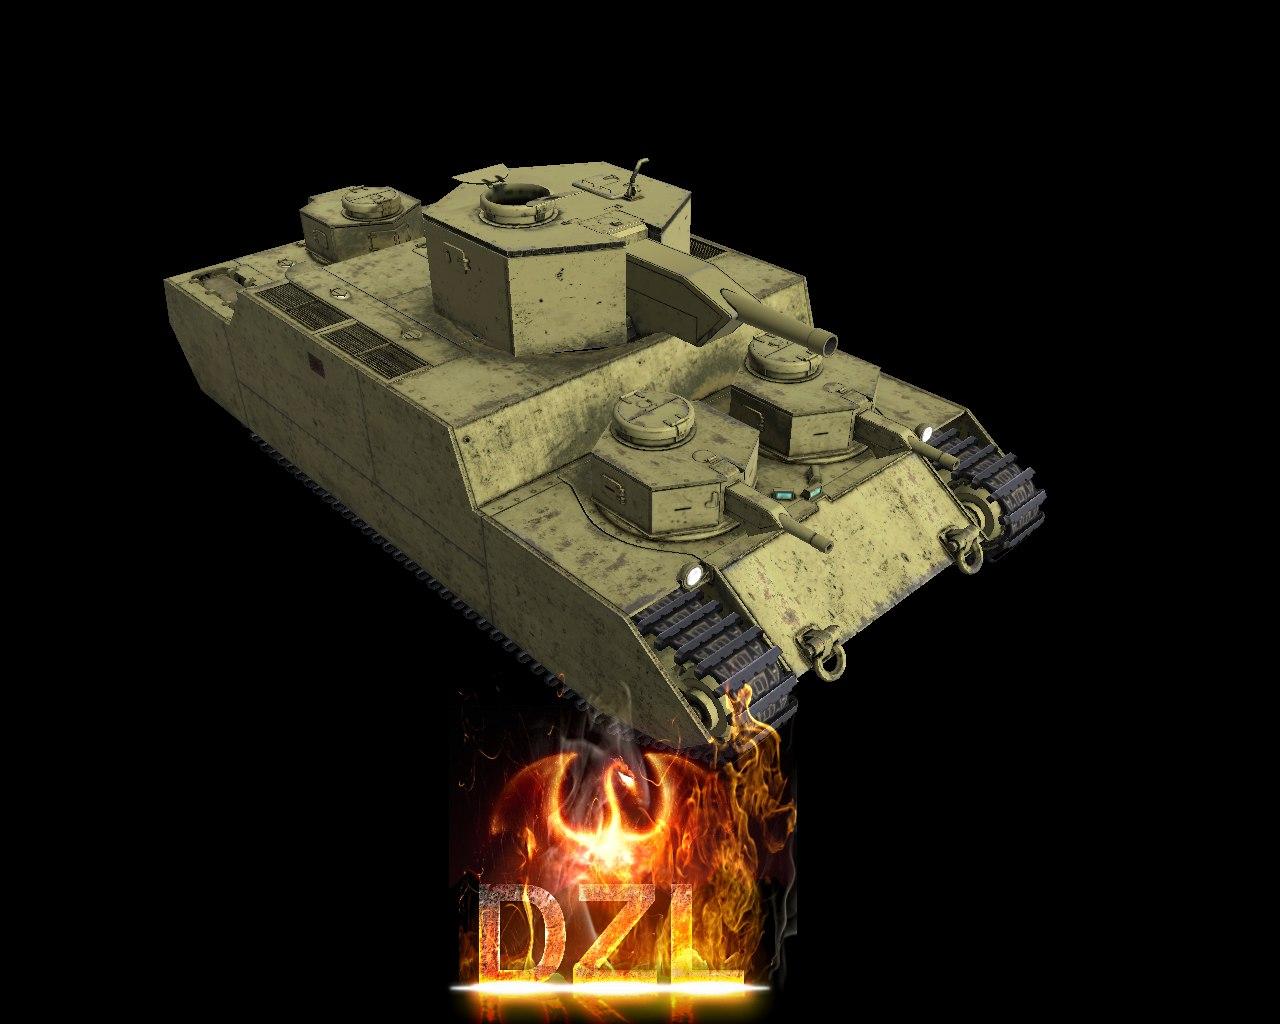 Скачать О_I (HD) - автор DZL — бесплатно